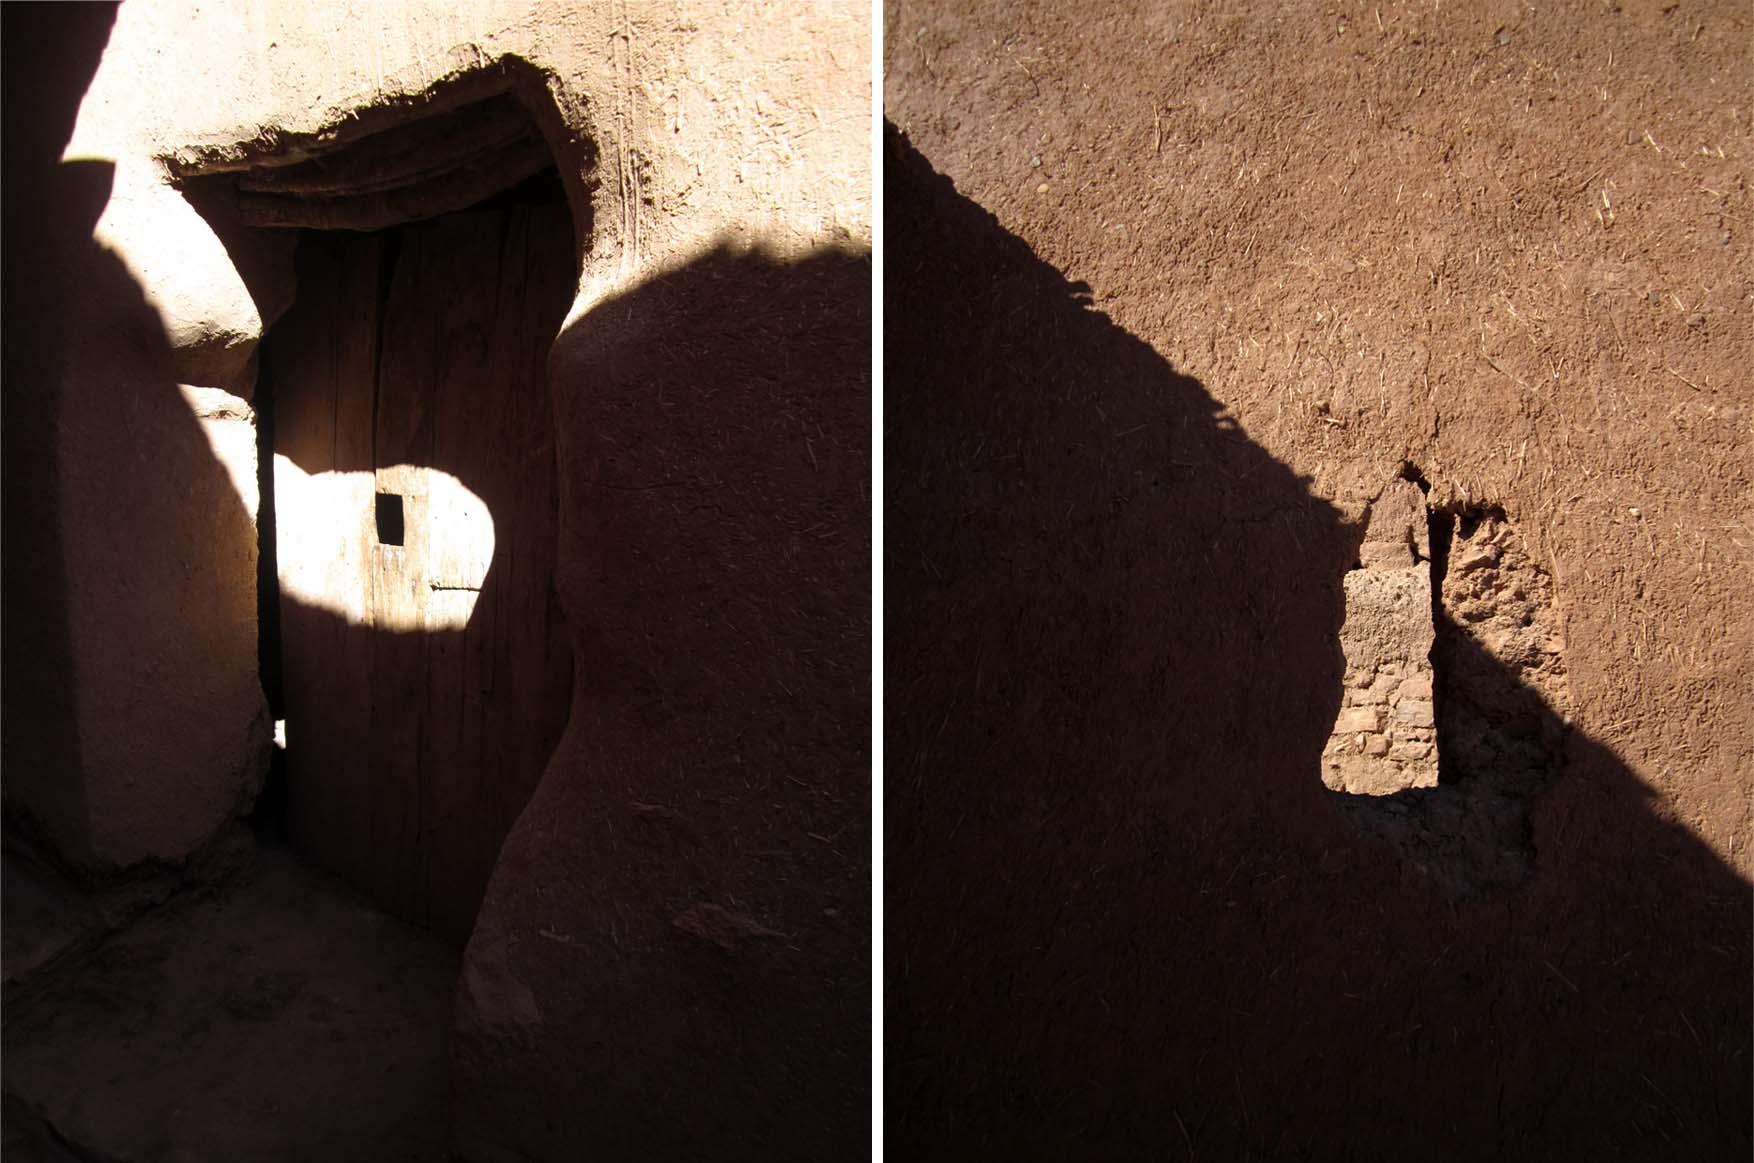 51 maroko ait ben haddou otvori i senke